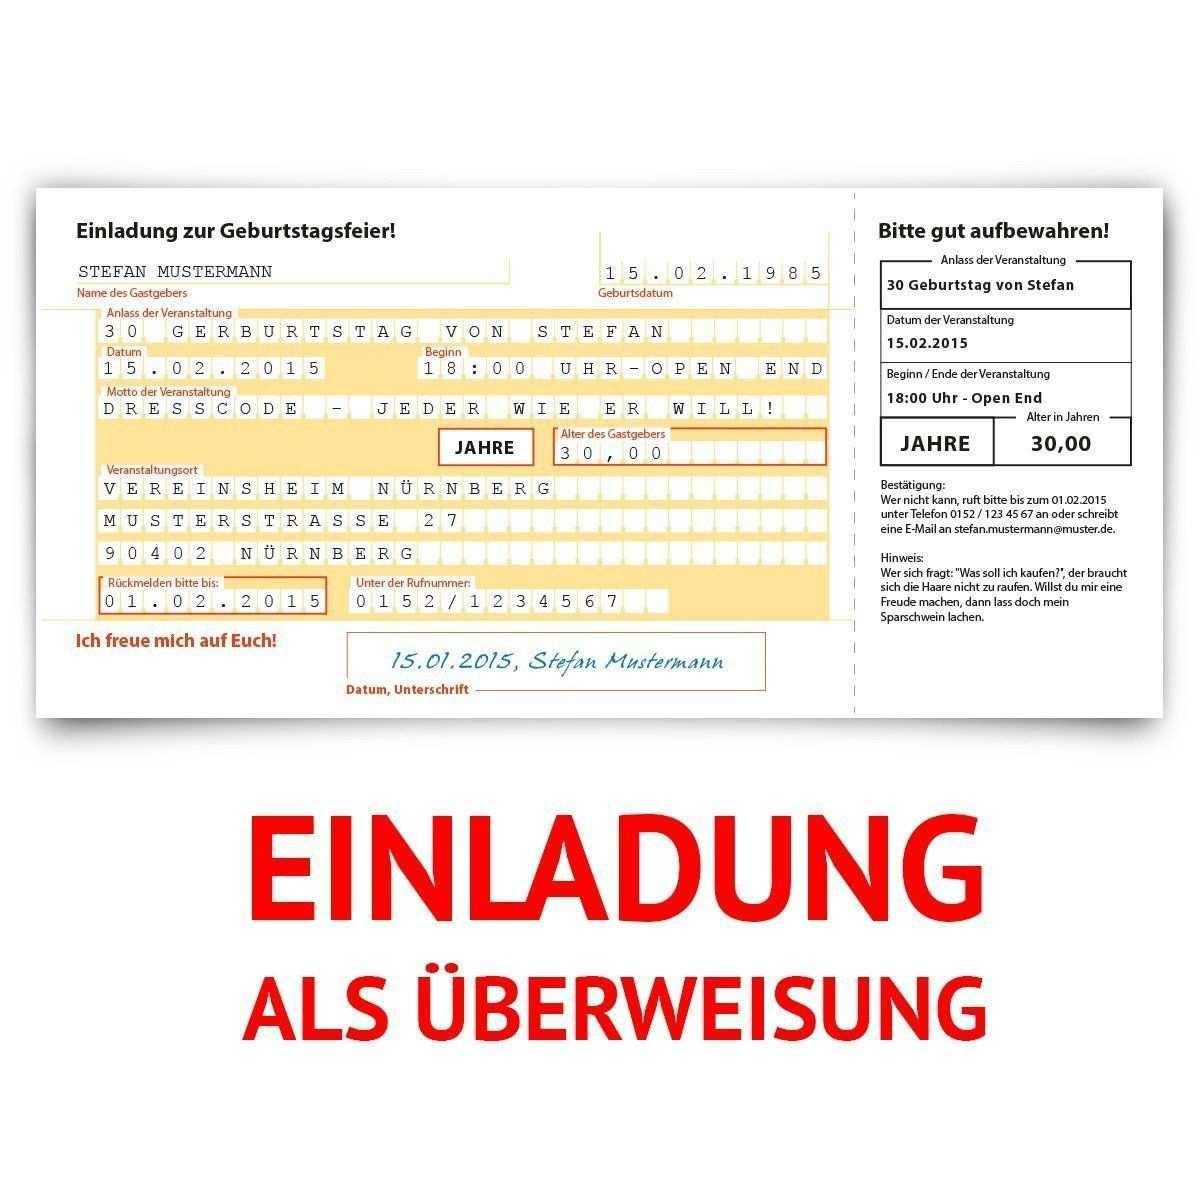 Einladungskarten Zum Geburtstag 30 Stuck Uberweisung Sepa Bank Konto Zahlung Geldsendung Witzige Einladungskarten Einladungen Einladung Geburtstag